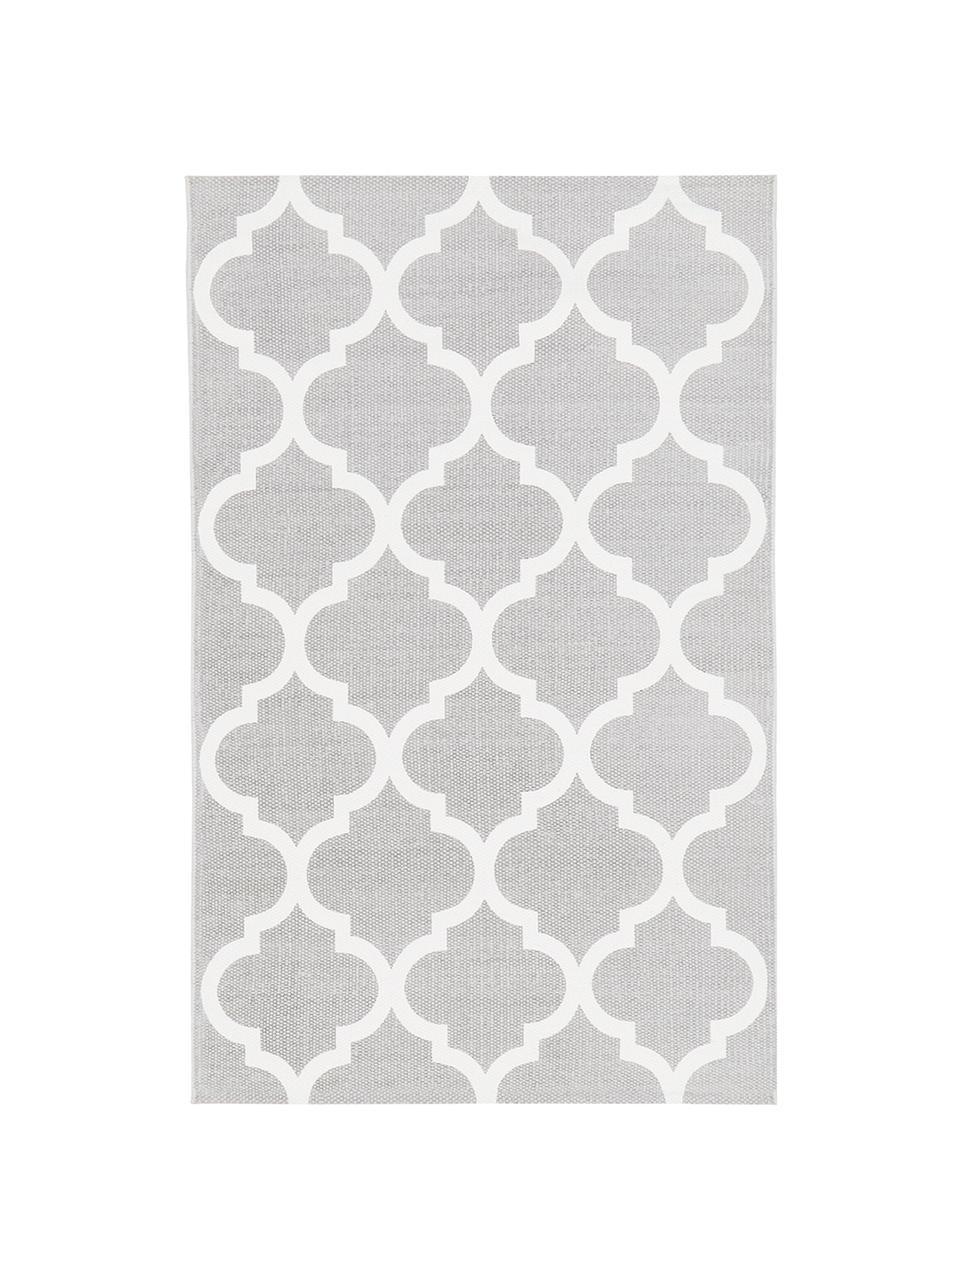 Tappeto sottile in cotone tessuto a mano Amira, 100% cotone, Grigio chiaro, bianco crema, Larg. 70 x Lung. 140 cm (taglia XS)